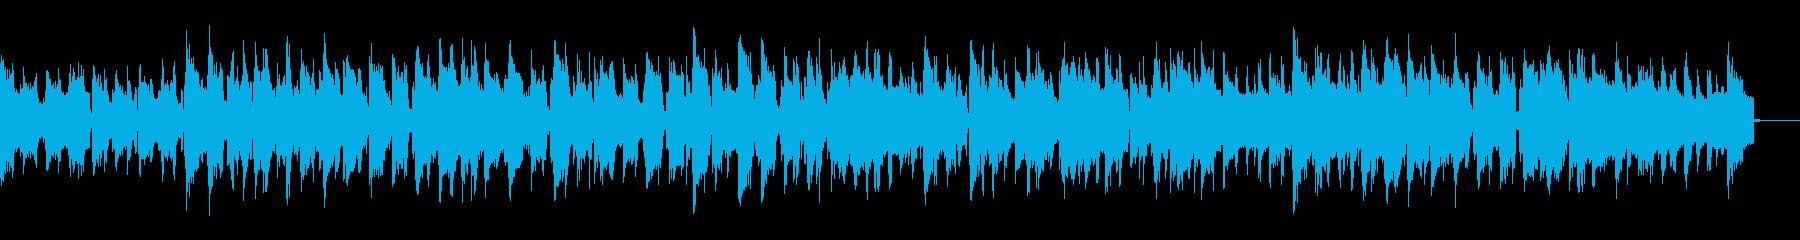 怪しく愛を語り合うピアノのバラードジャズの再生済みの波形